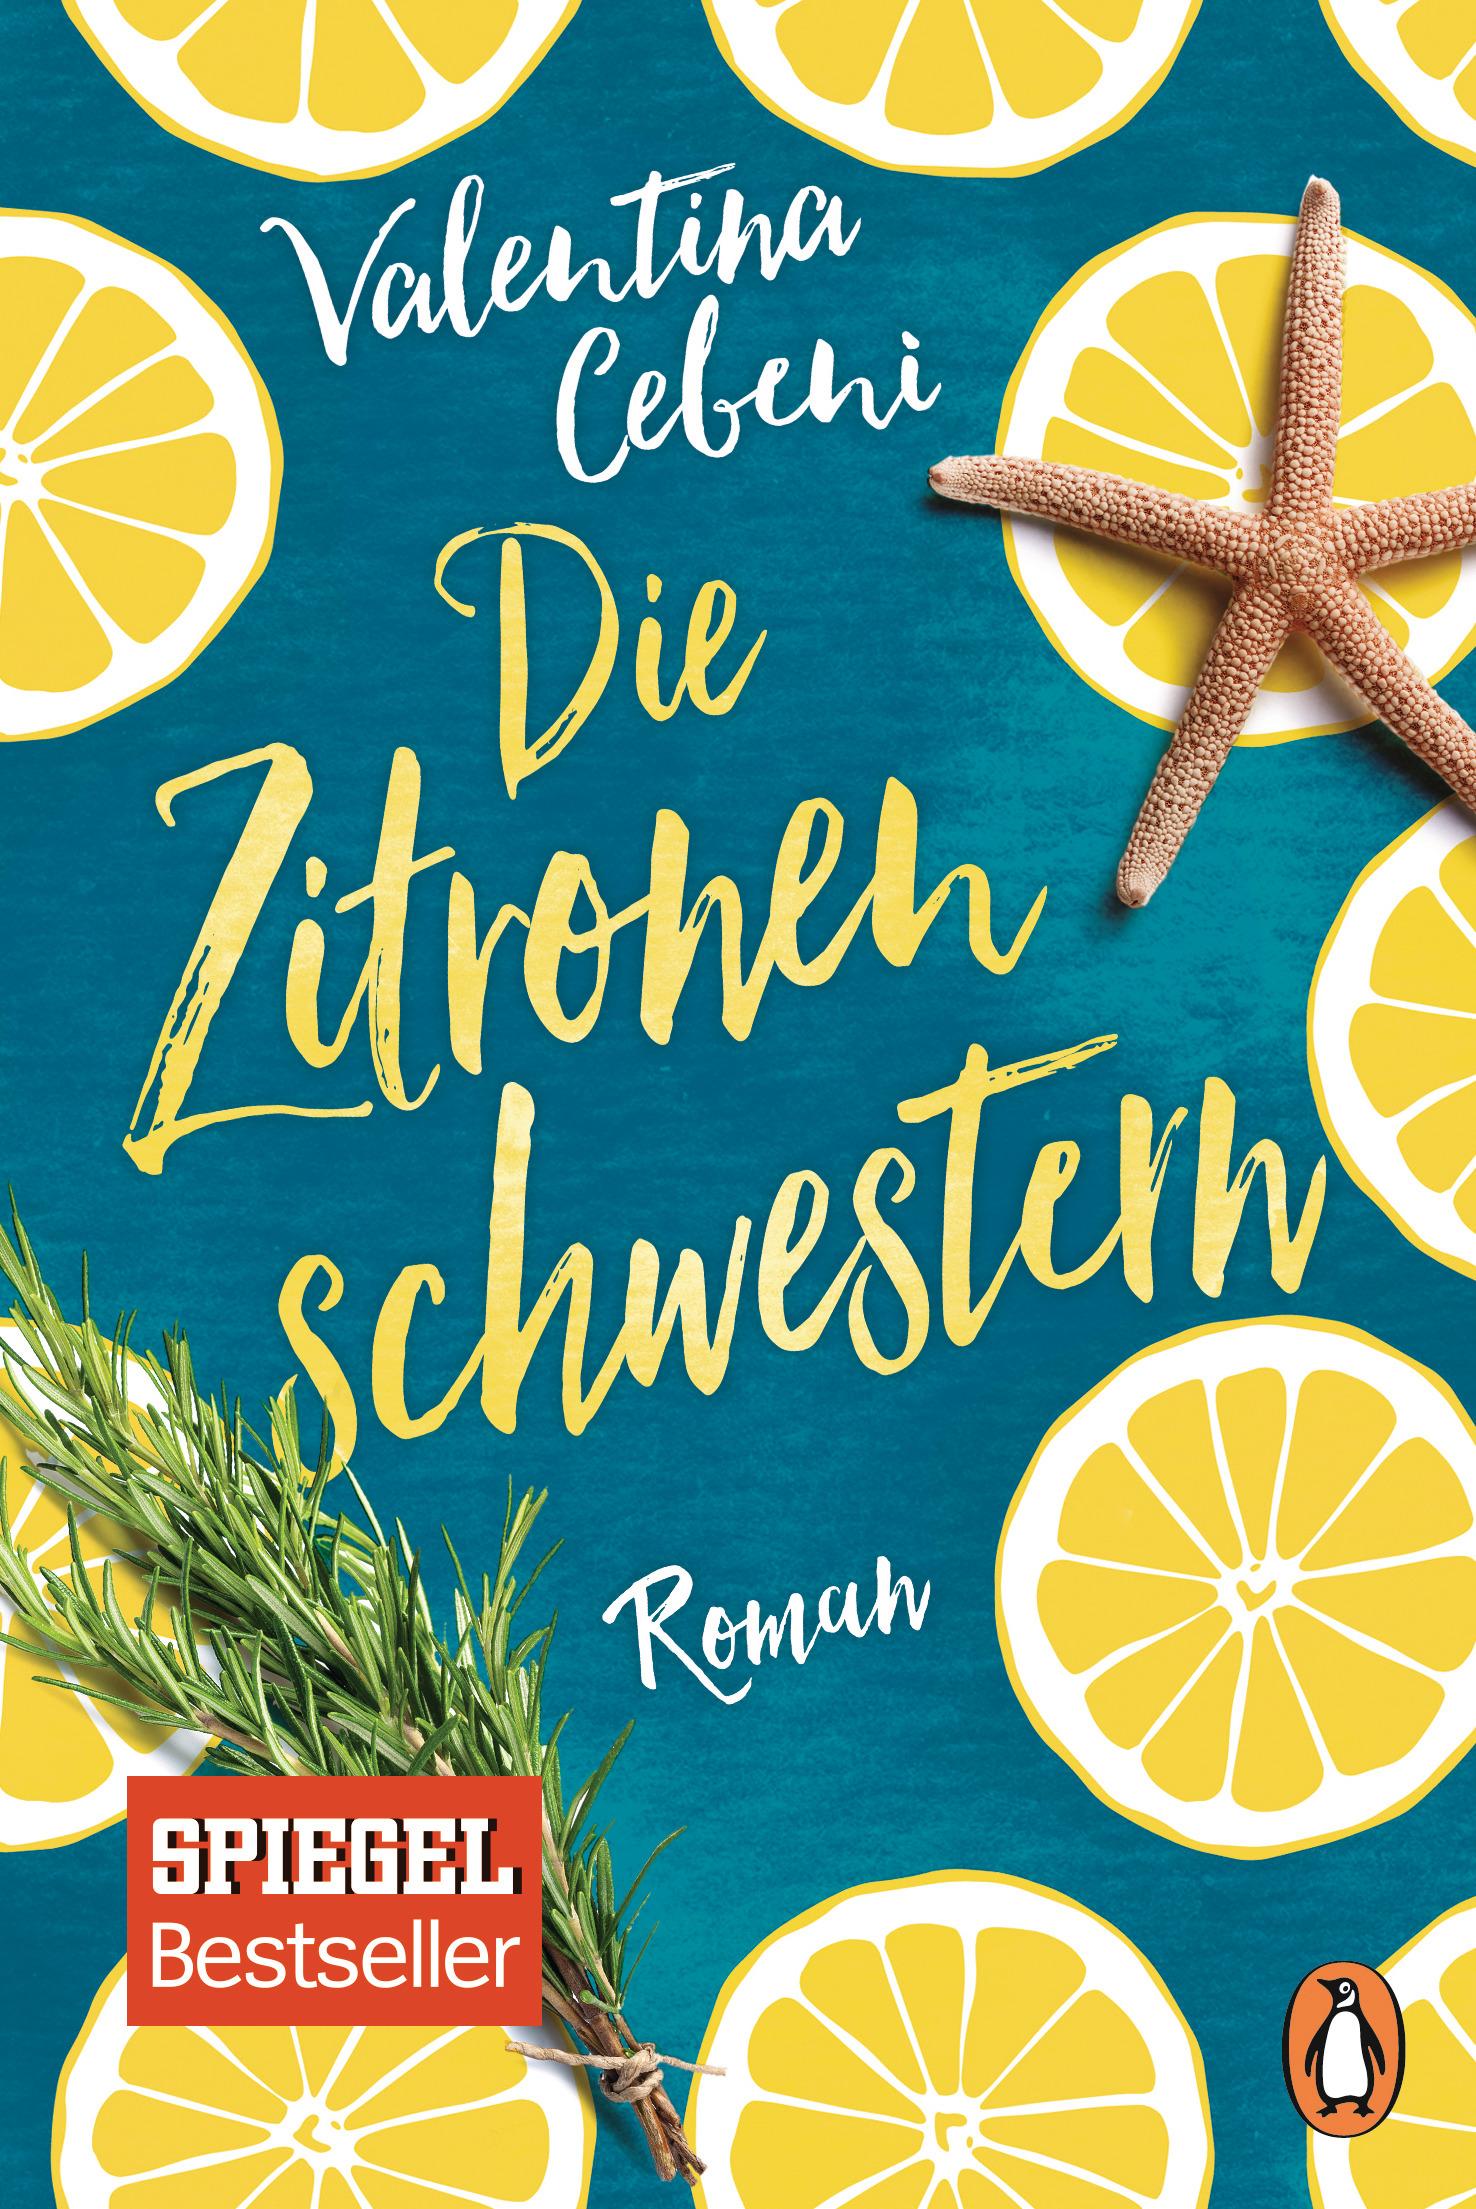 Die Zitronenschwestern (Valentina Cebeni)